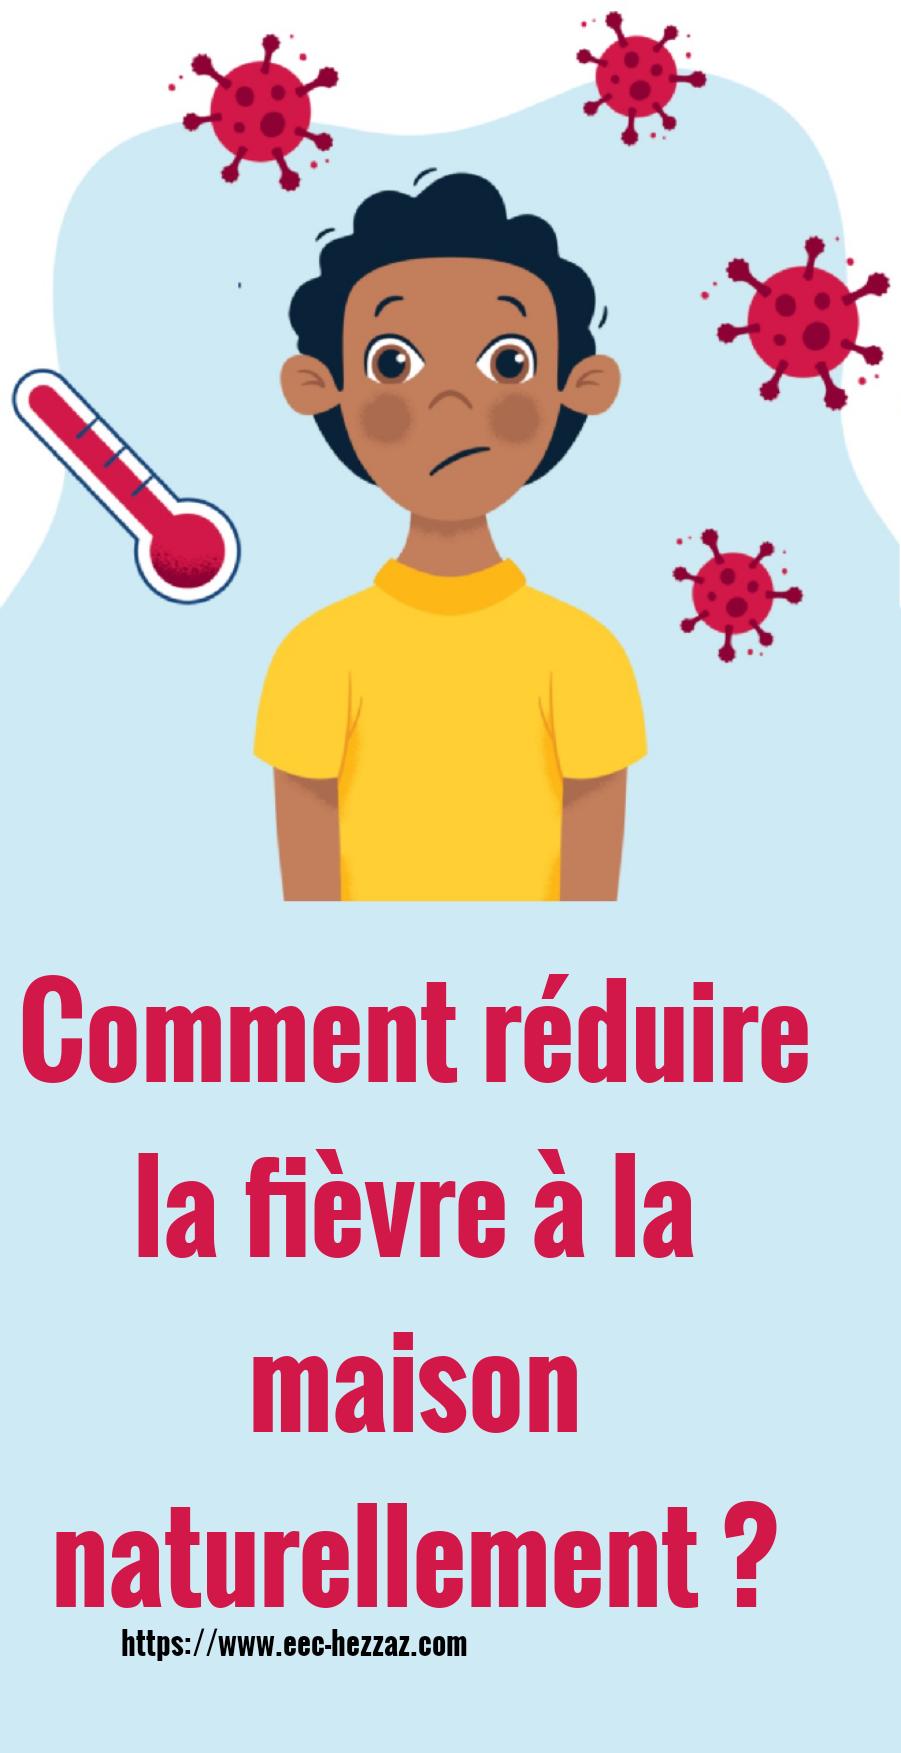 Comment réduire la fièvre à la maison naturellement ?